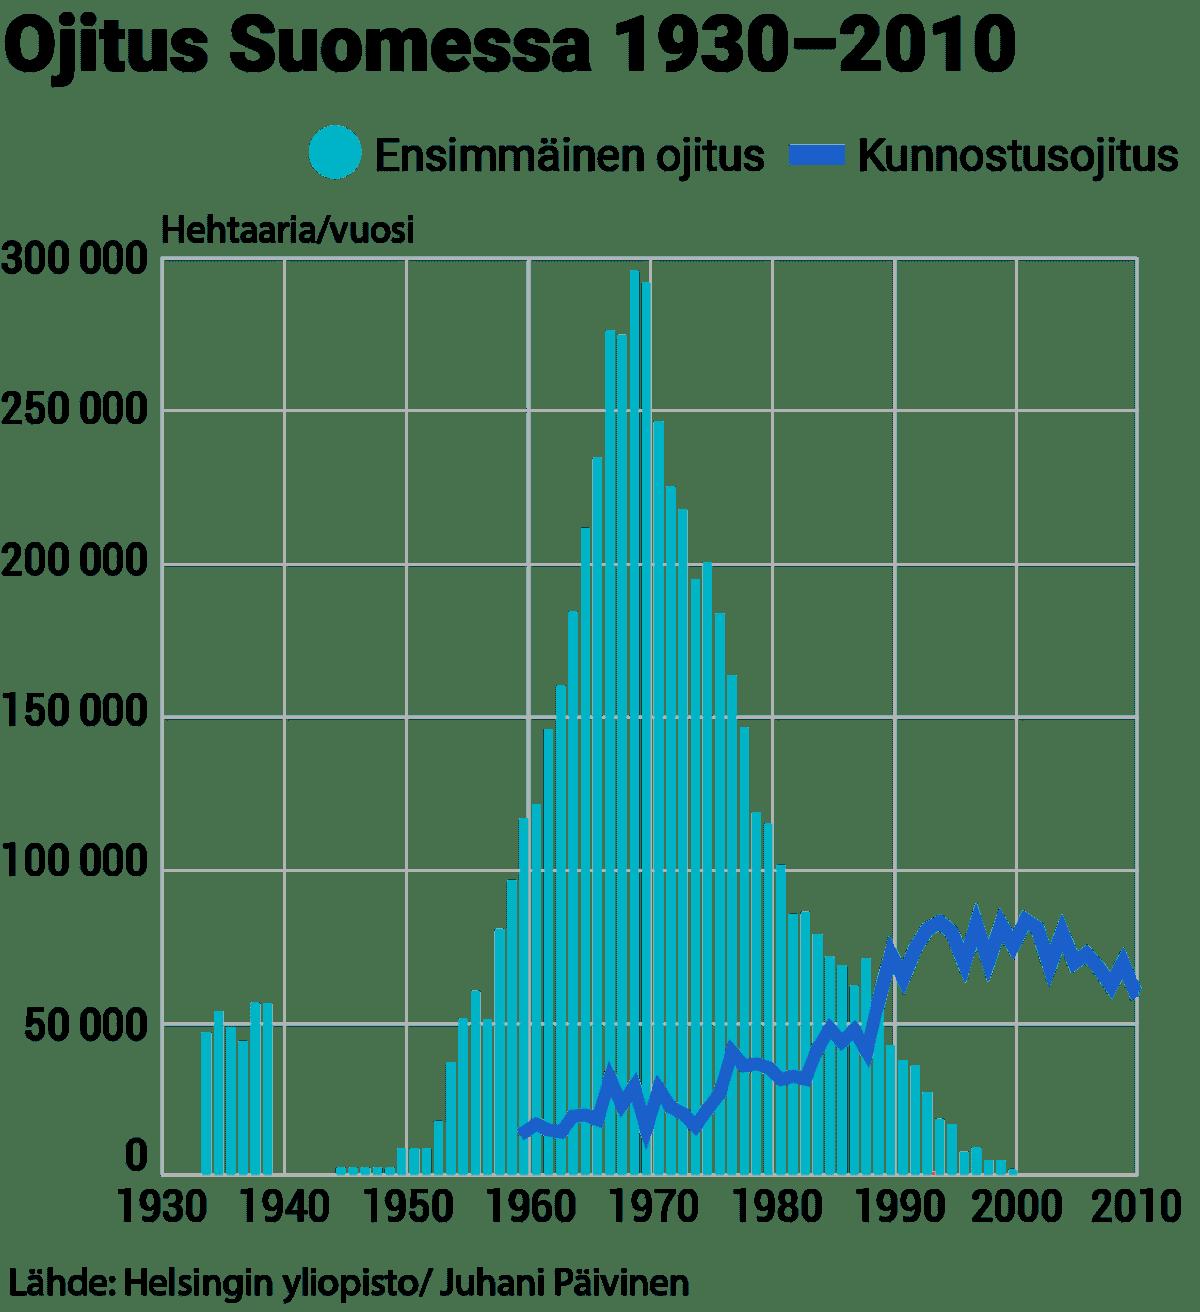 Grafiikka metsäojitusten määrästä Suomessa 1930-2010